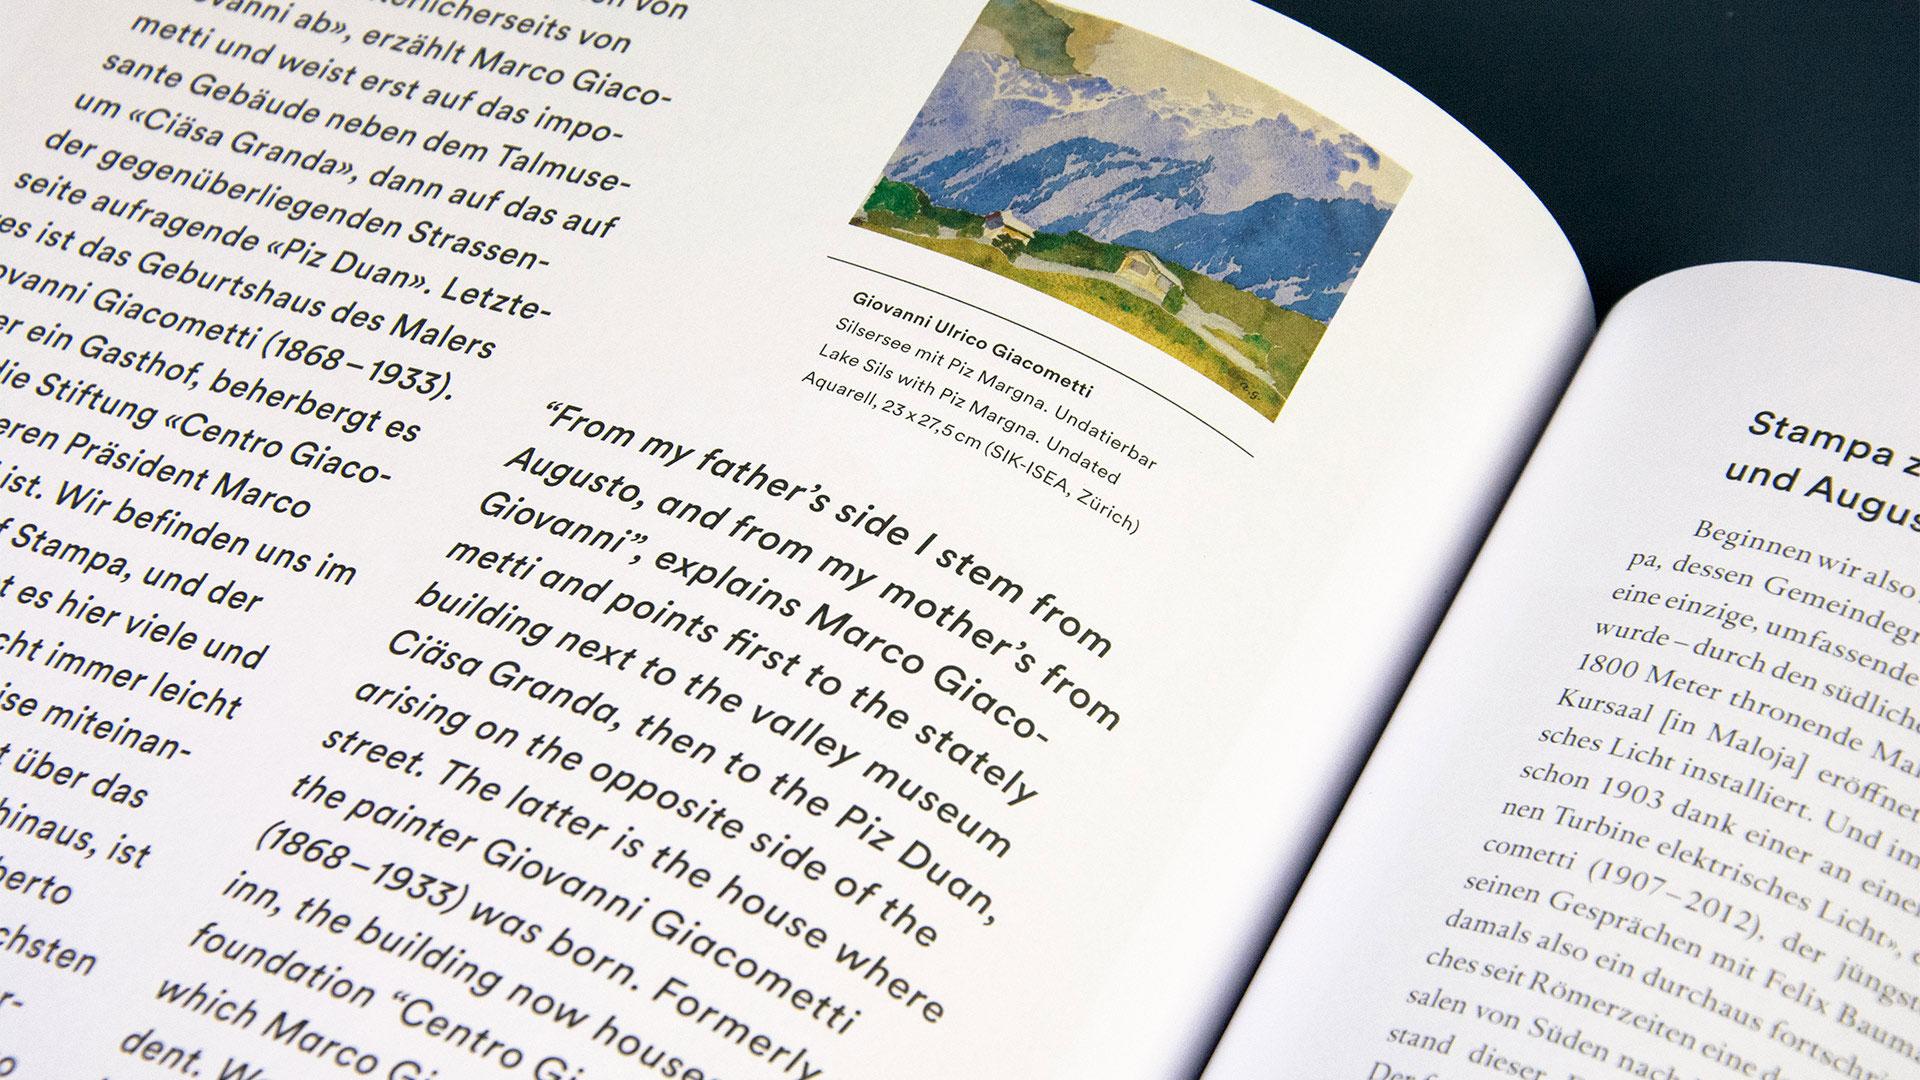 l'équipe [visuelle] Suvretta House Magazine Edition Stphan Witschi Editorial Design